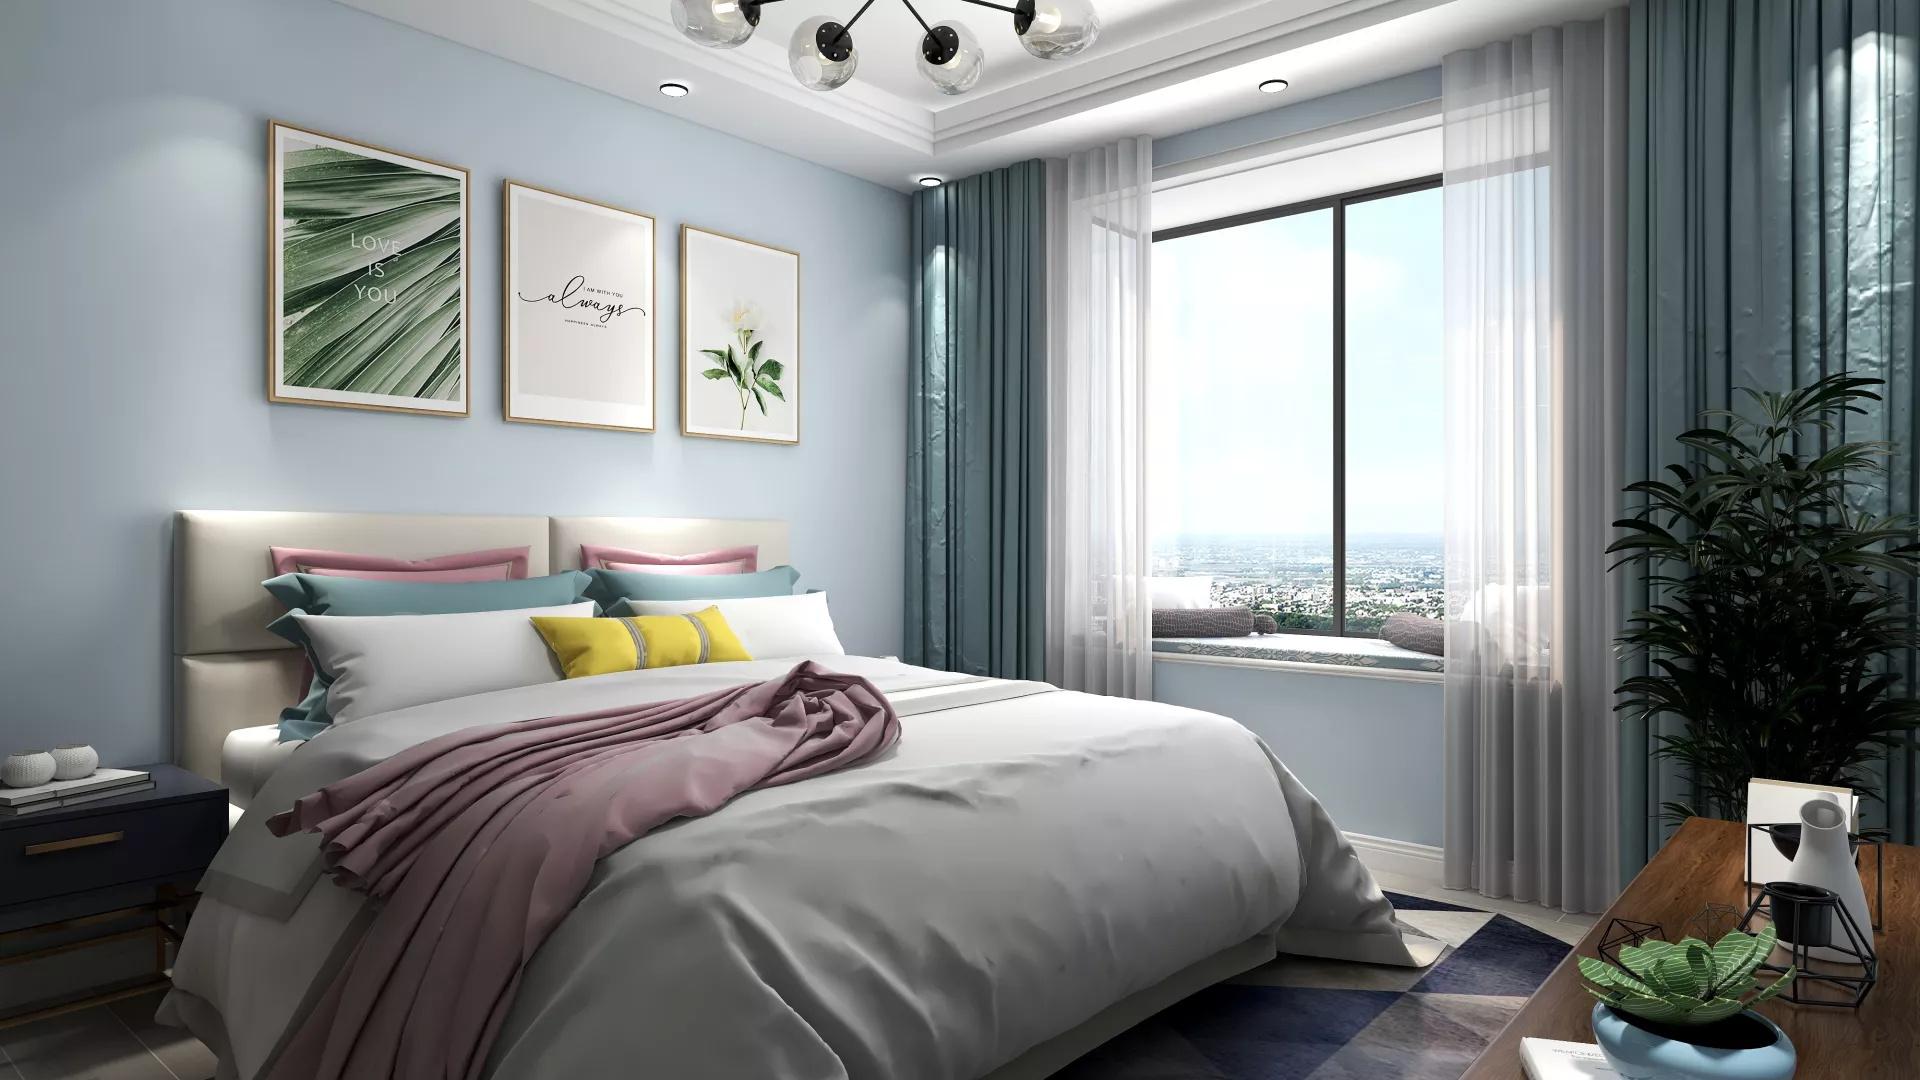 臥室裝修知識之臥室地毯怎么鋪